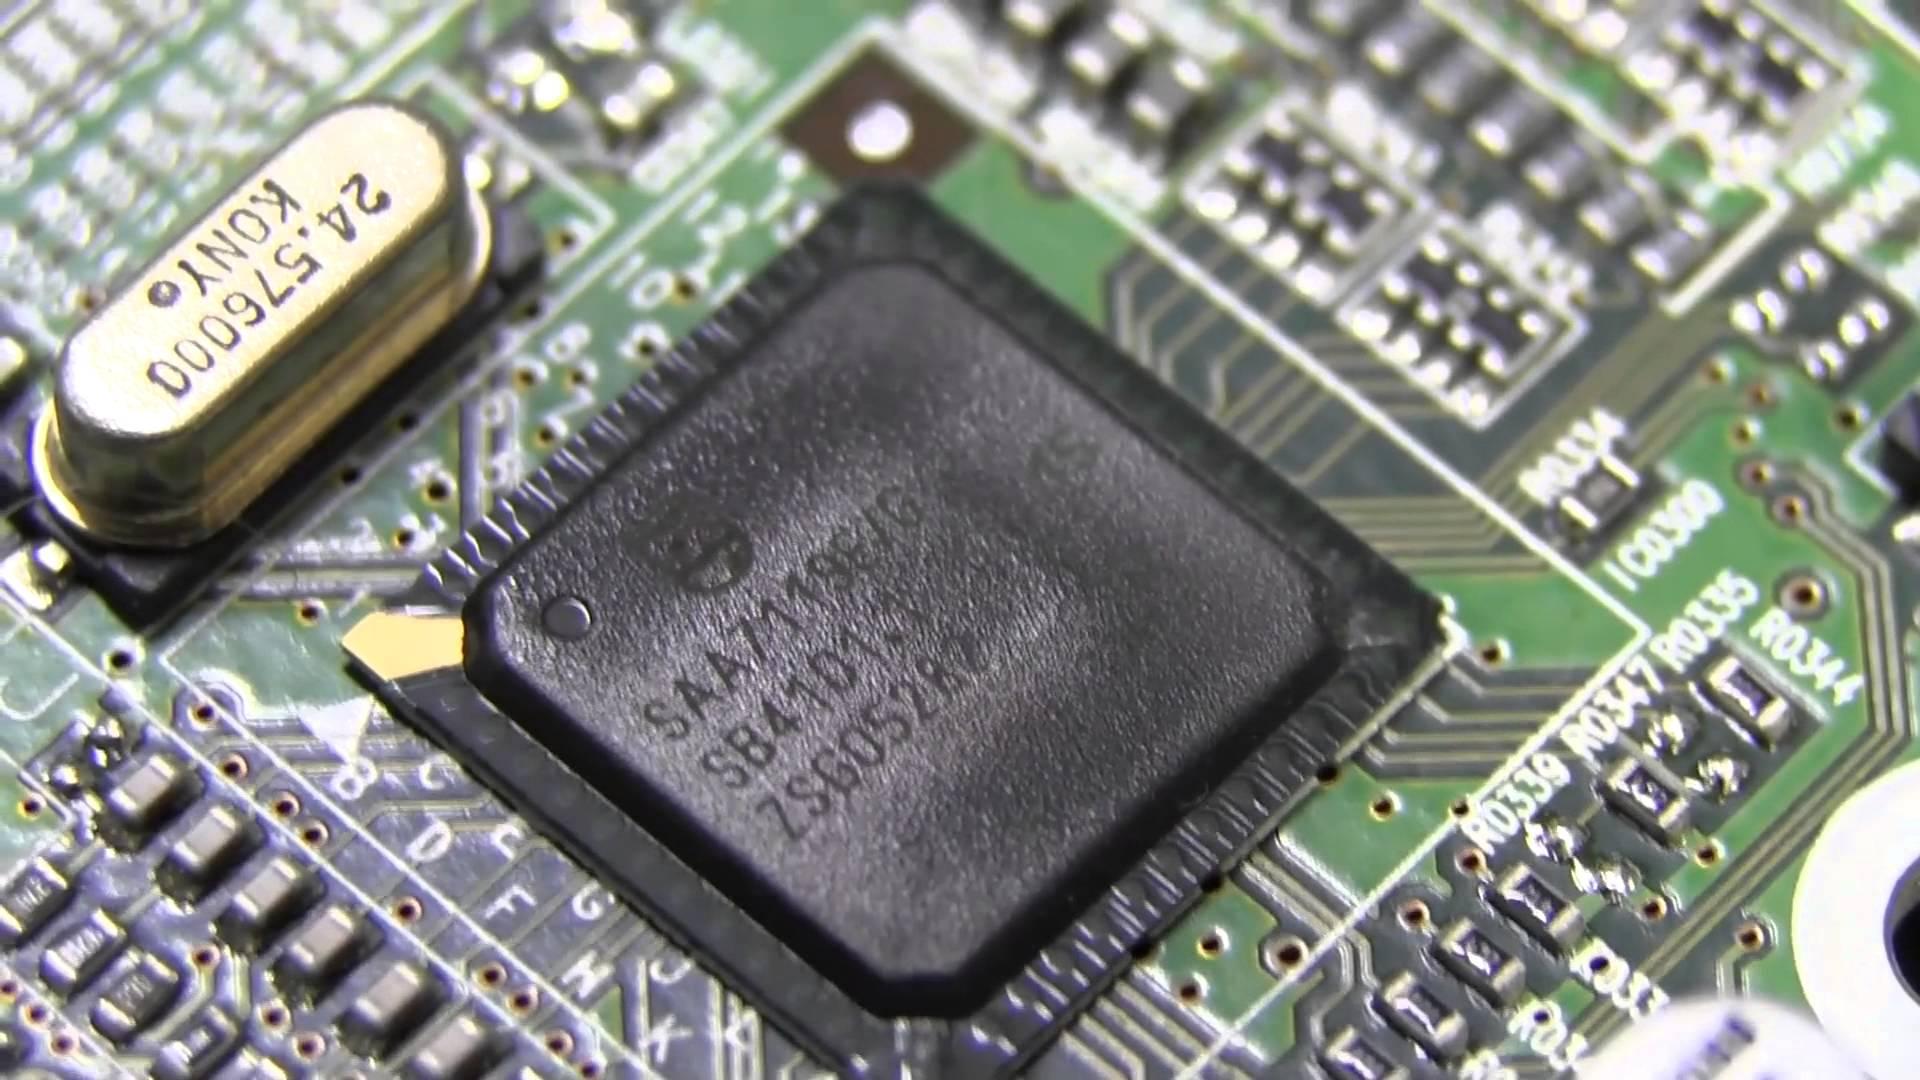 EEVblog #446 – Dumpster Diving Samsung Plasma TV